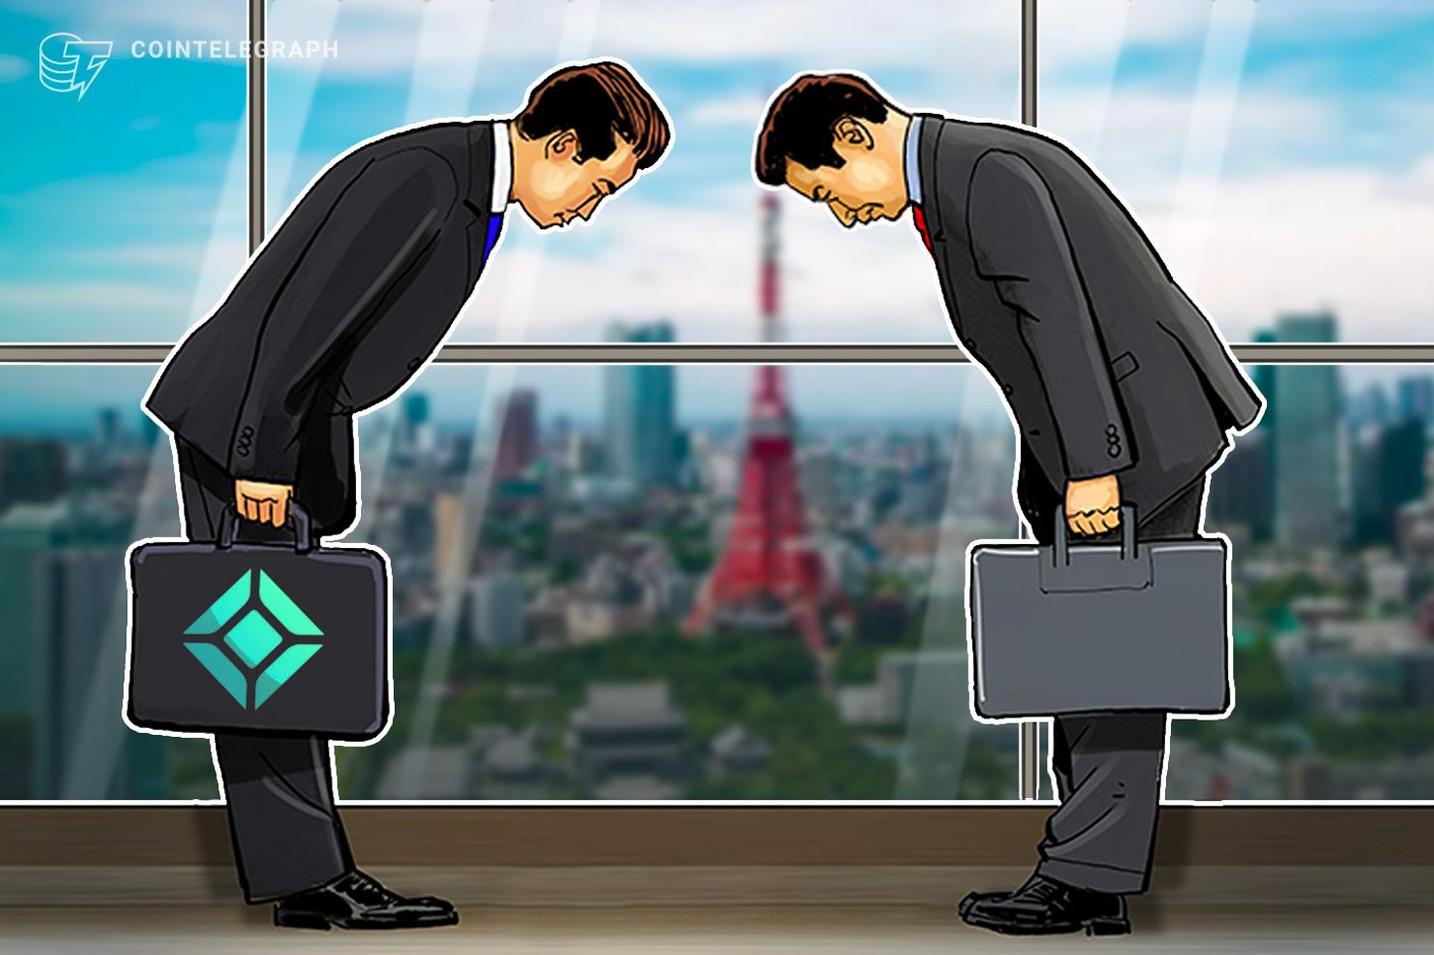 マネックス証券、新たな資産クラスとして仮想通貨の提供を検討 コインチェックと連携を強化